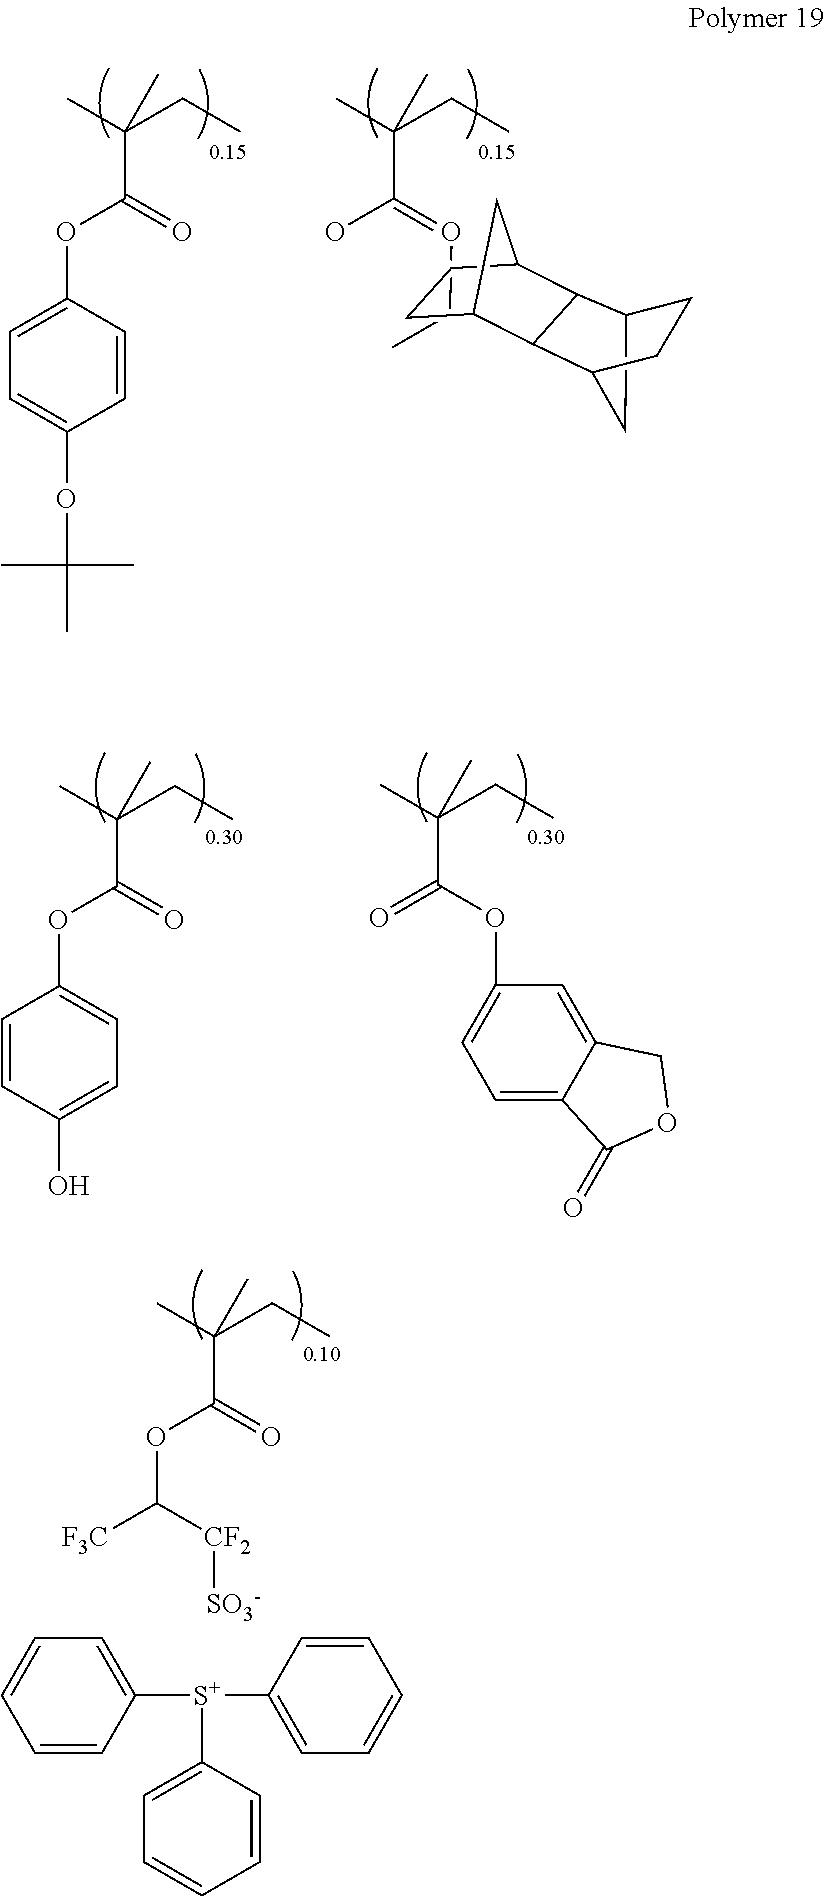 Figure US20110294070A1-20111201-C00090